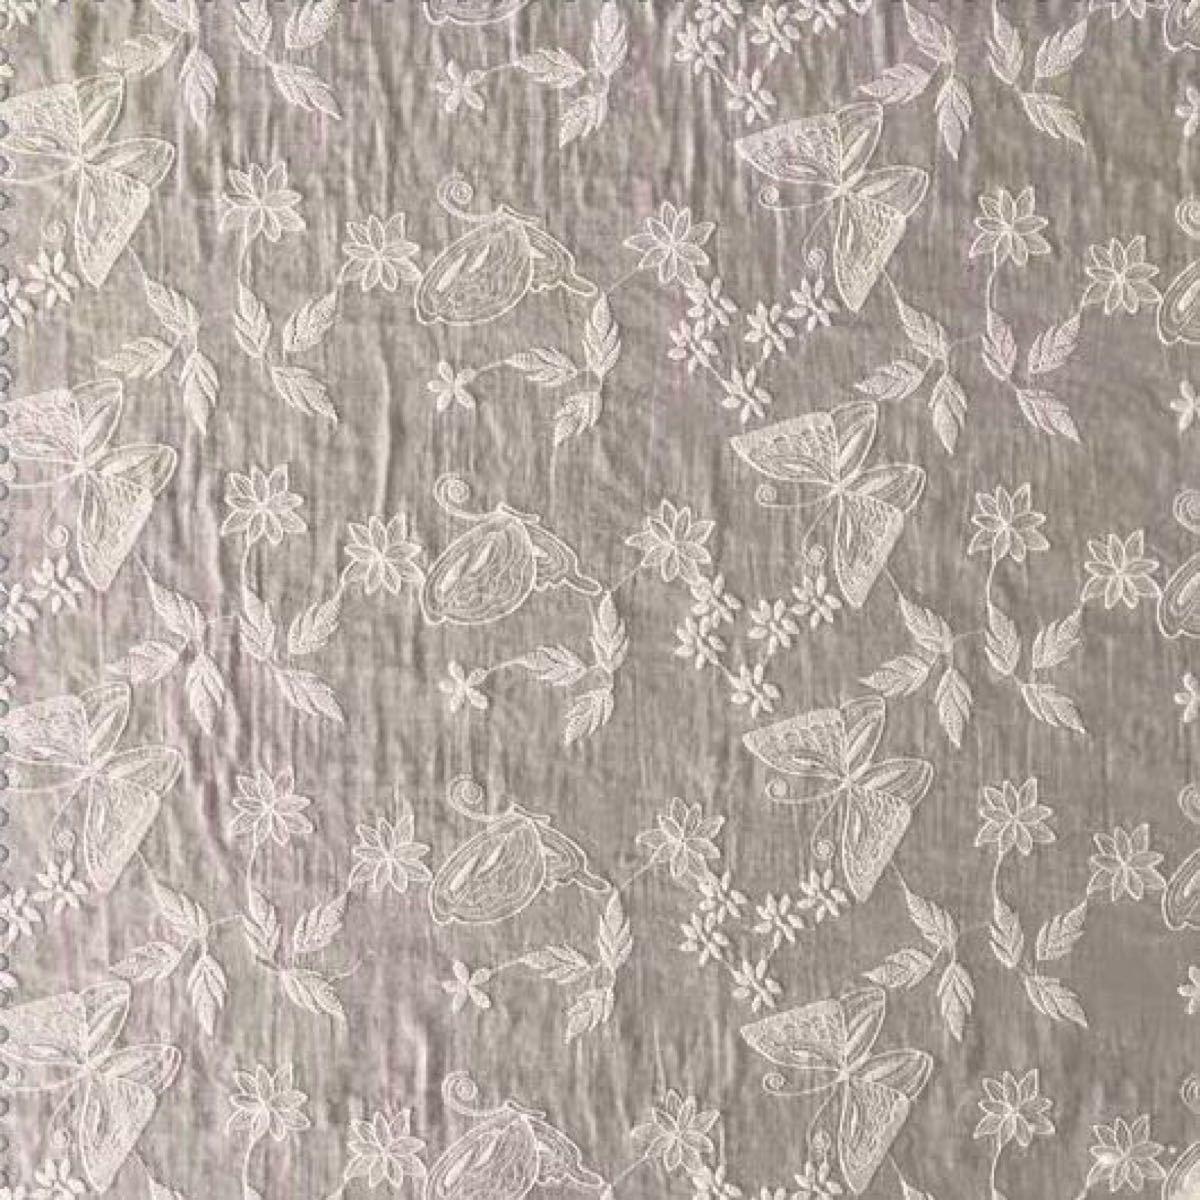 A033 綿100% カット 蝶々柄 刺繍 綿レース生地130cm*45cm